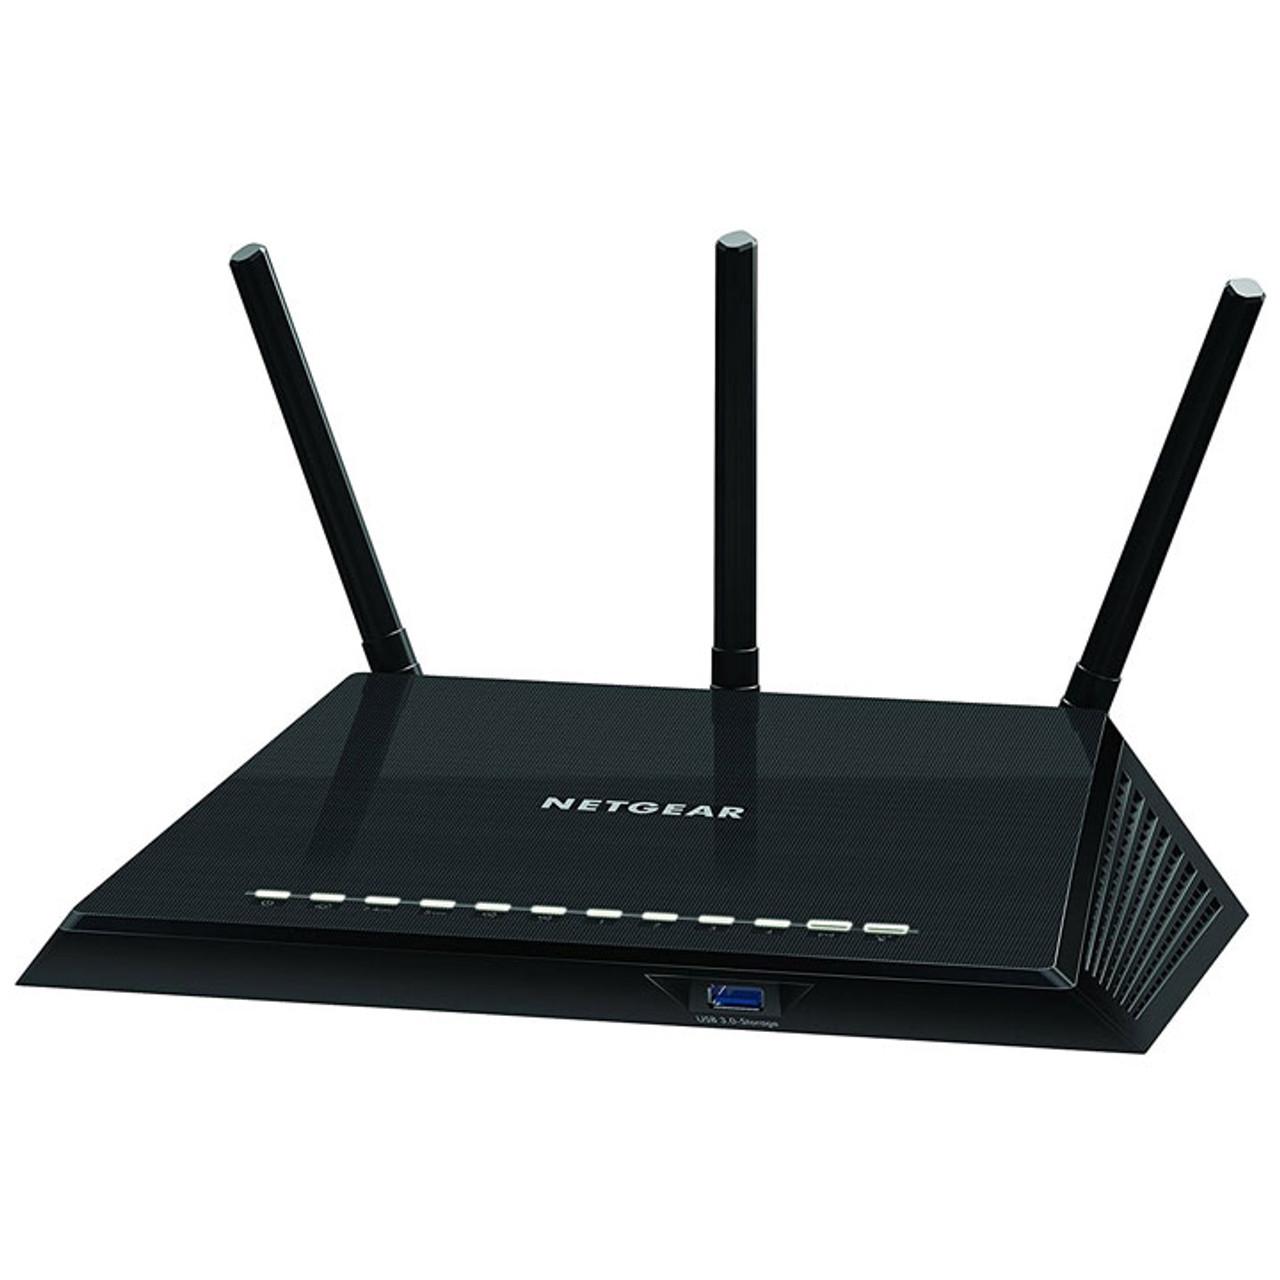 Netgear R6400 DD-WRT Router